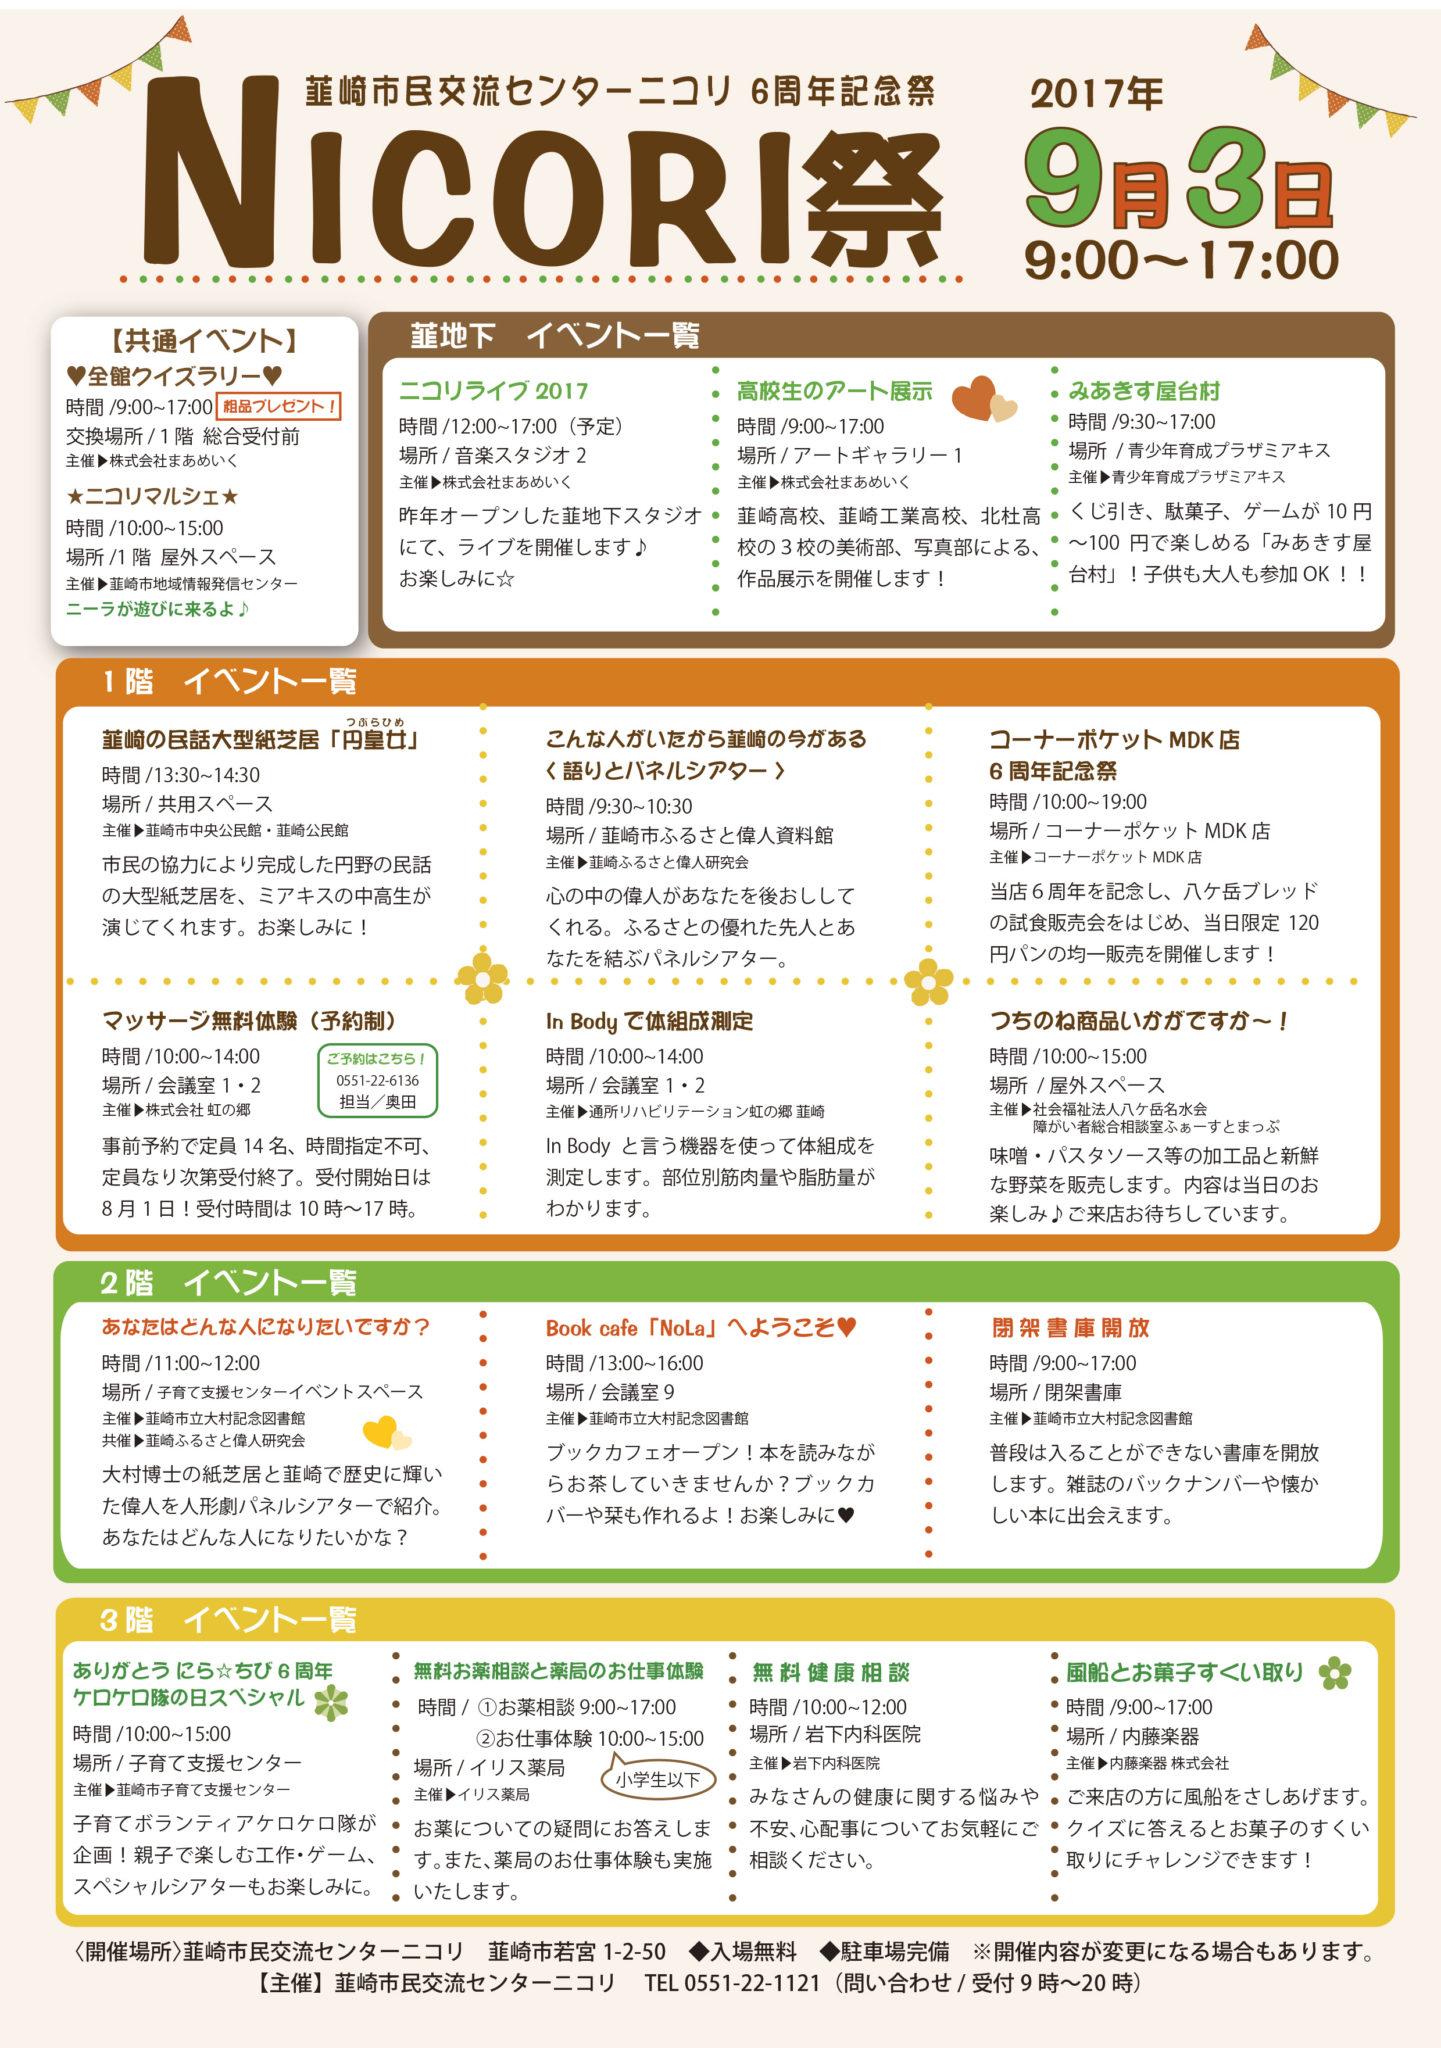 韮崎市民交流センターニコリ 6周年記念祭 NICORI祭